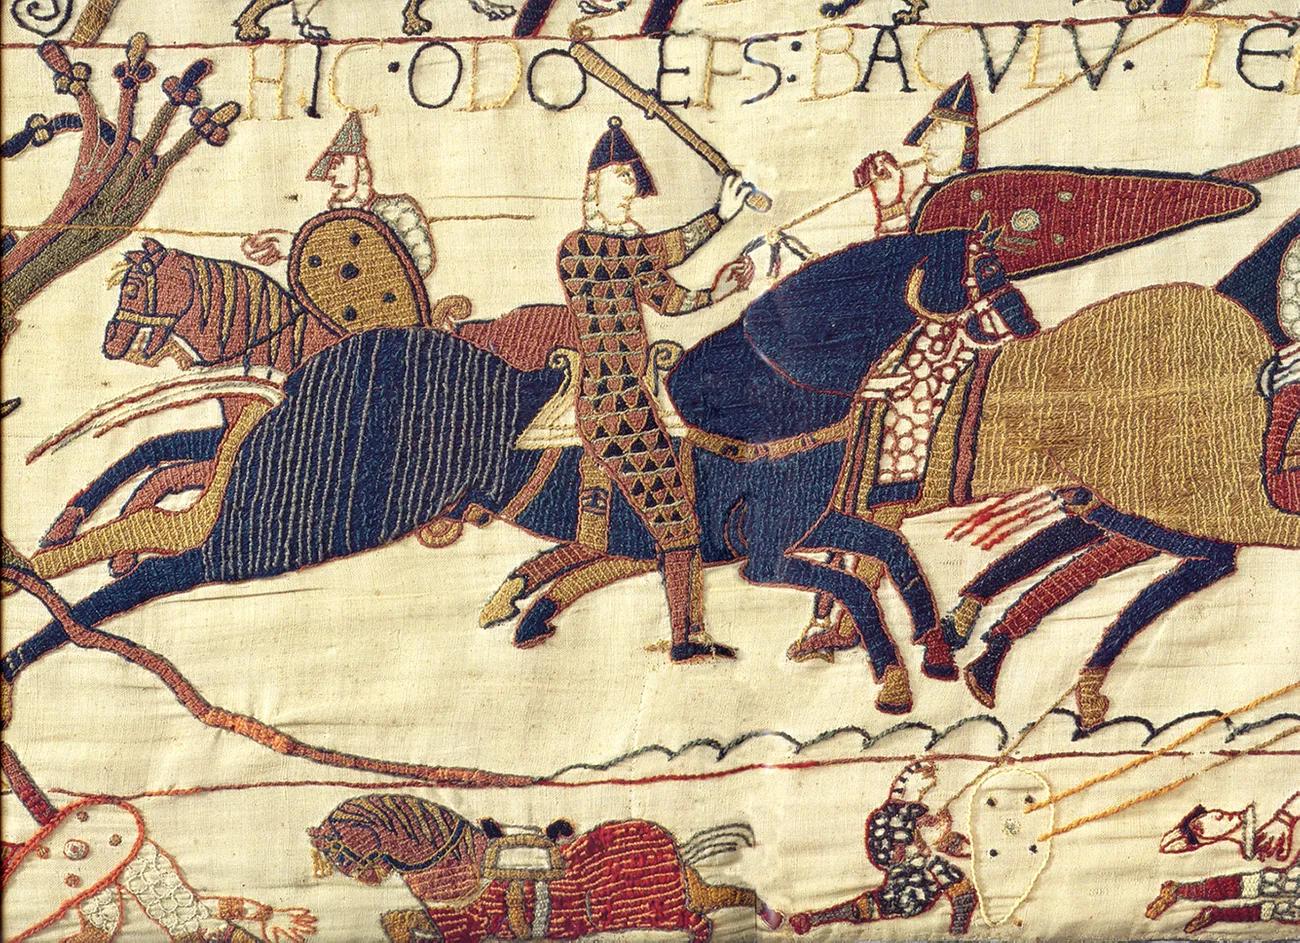 Сцена из гобелена в Байё с изображением Одо, епископа Байё, объединяющего войска герцога Уильяма во время битвы при Гастингсе в 1066 годуWikimedia Commons